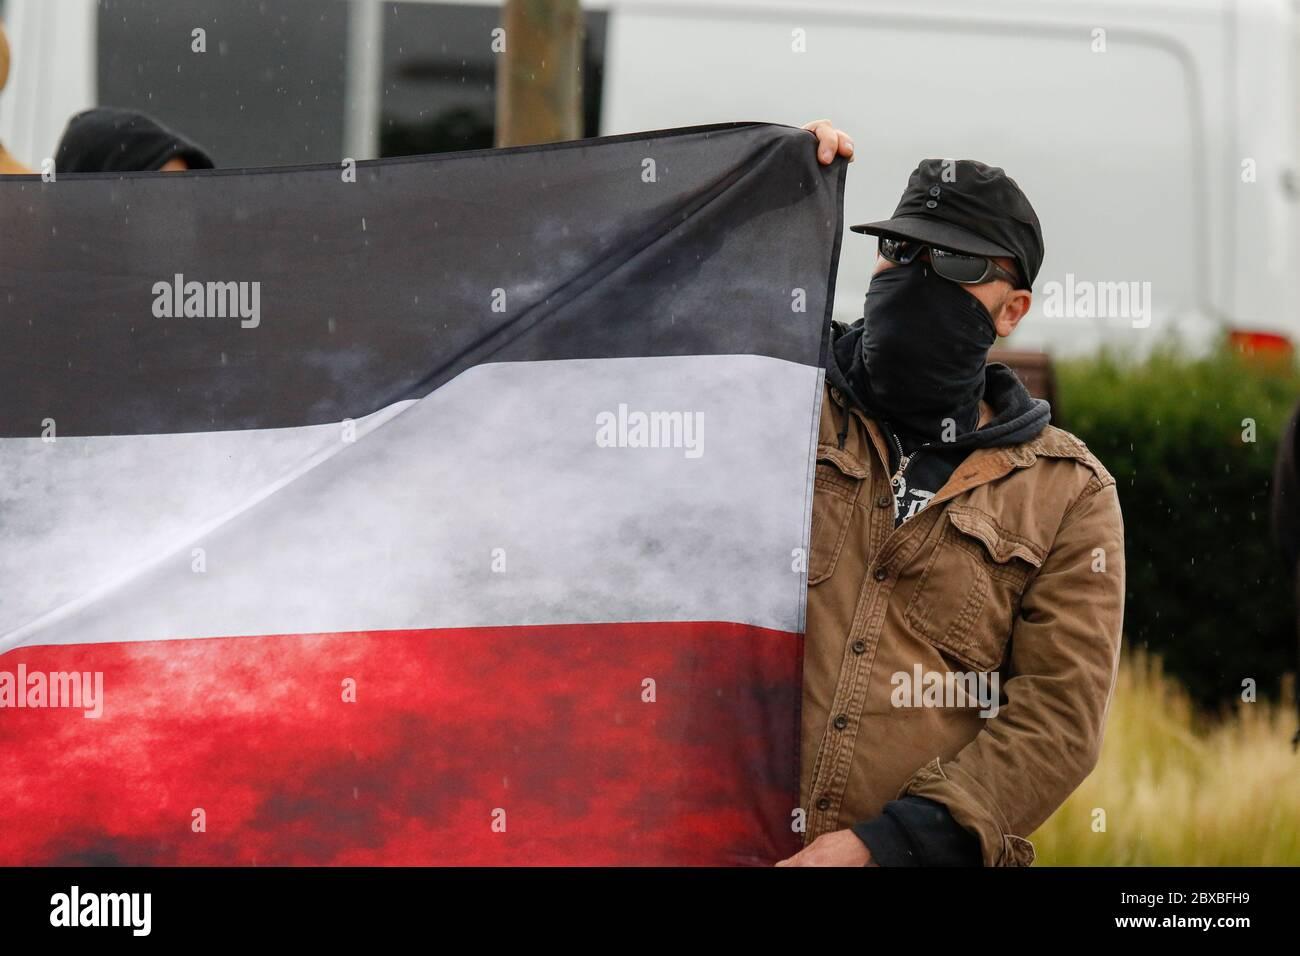 Worm, Germania. 6 giugno 2020. Un protestore porta una bandiera sporca dell'impero tedesco. Circa 50 manifestanti di destra hanno marciato attraverso il centro di Worms per il 12. E l'ultimo 'giorno del futuro tedesco'. La marcia è stata ridotta a causa di diverse centinaia di contronestori che hanno bloccato la strada della marcia di destra. la marcia è stata un evento annuale di destra in diverse città tedesche che ha attirato oltre 1000 manifestanti al suo massimo livello. Foto Stock